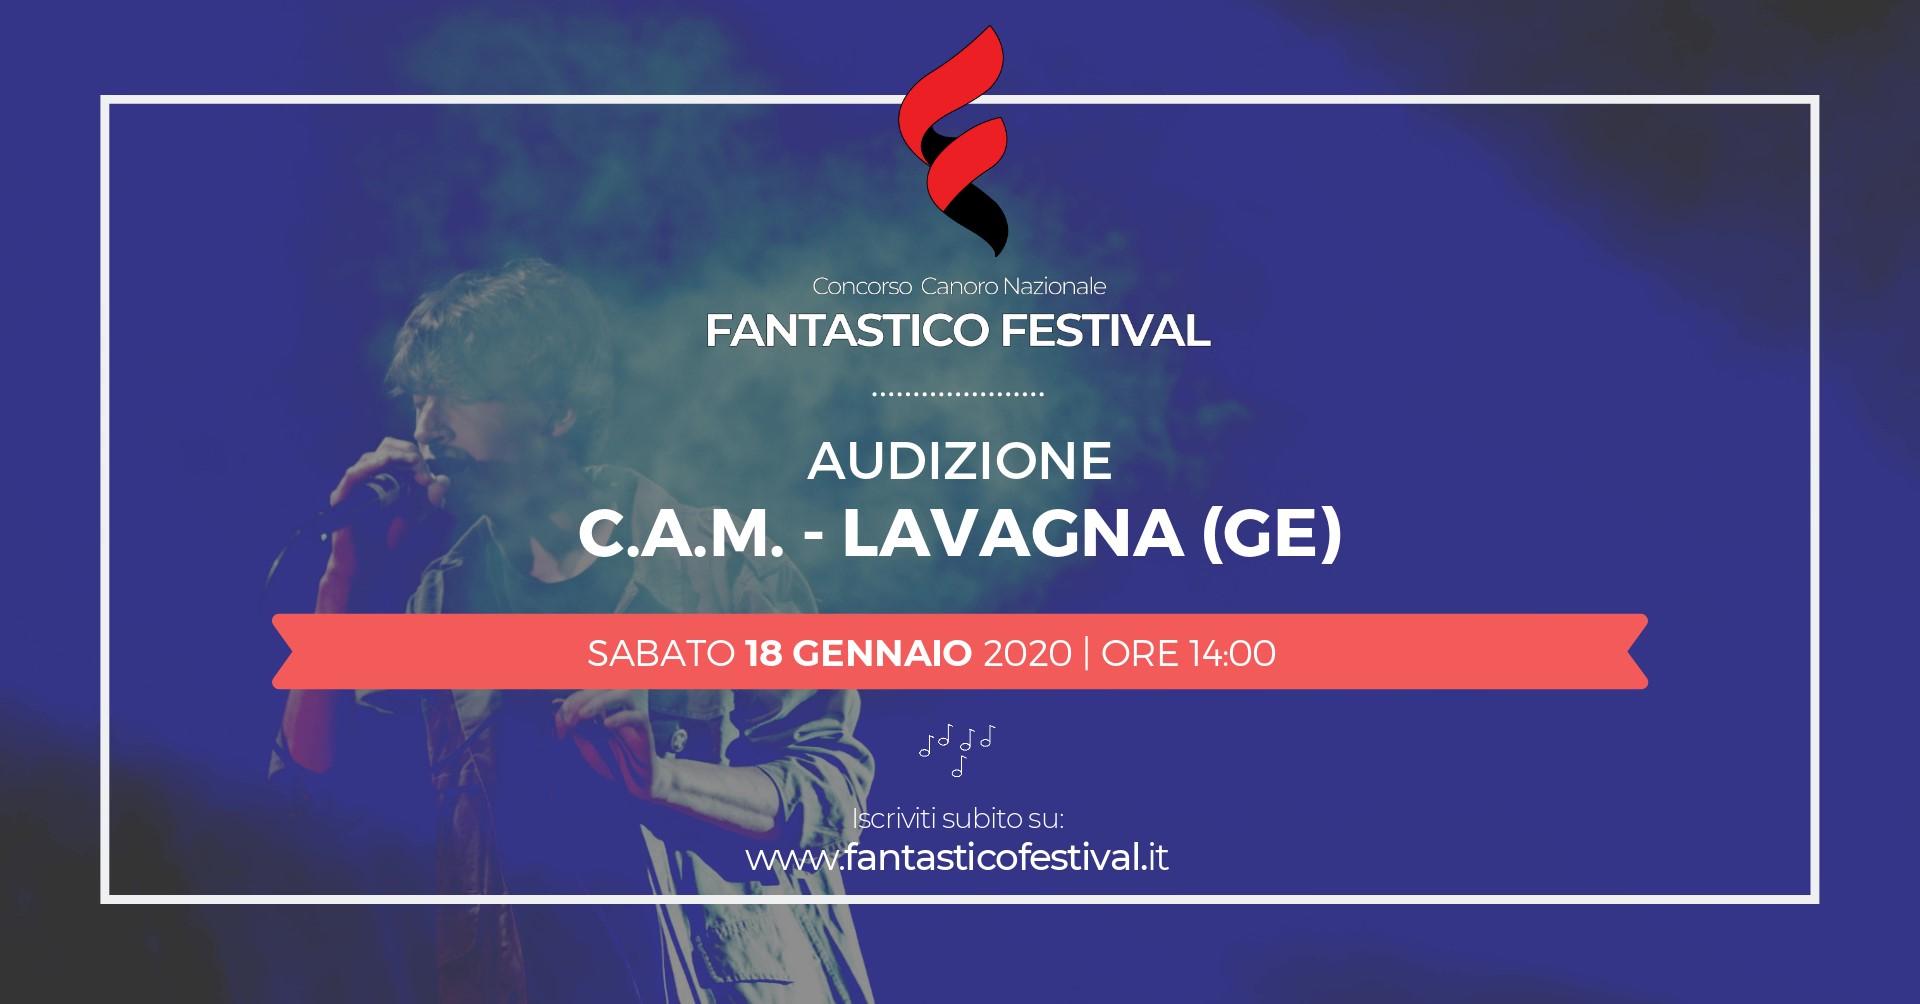 Audizione Fantastico Festival 2020 Cam Lavagna concorso canoro